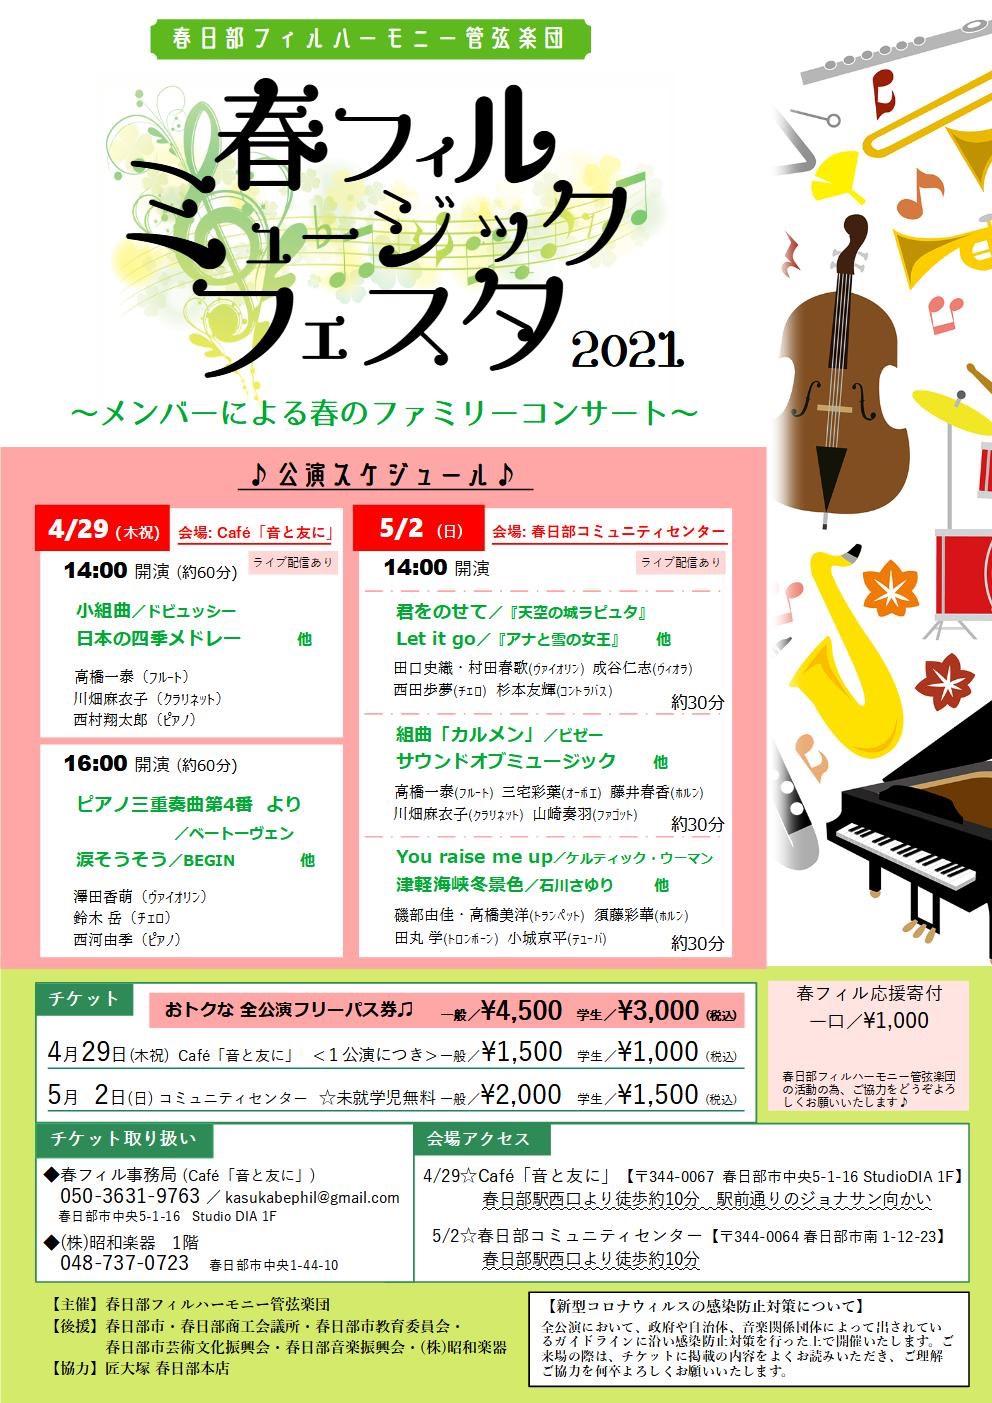 春日部フィルミュージックフェスタ